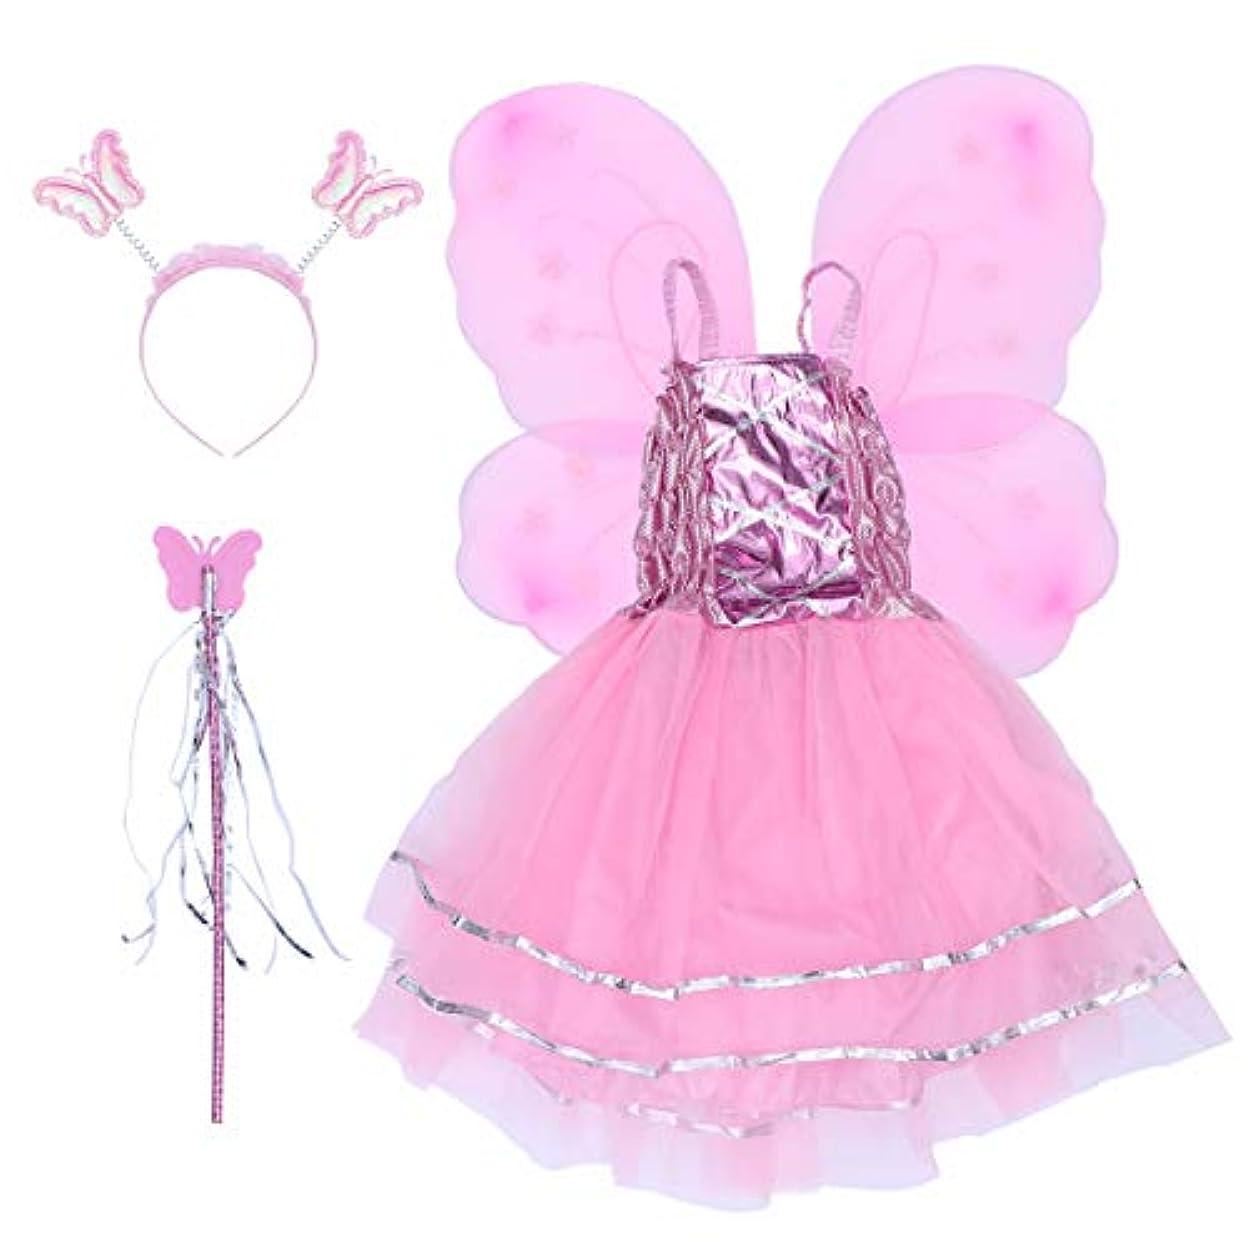 サミュエル埋め込む理論BESTOYARD 4本の女の子バタフライプリンセス妖精のコスチュームセットバタフライウィング、ワンド、ヘッドバンドとツツードレス(ピンク)